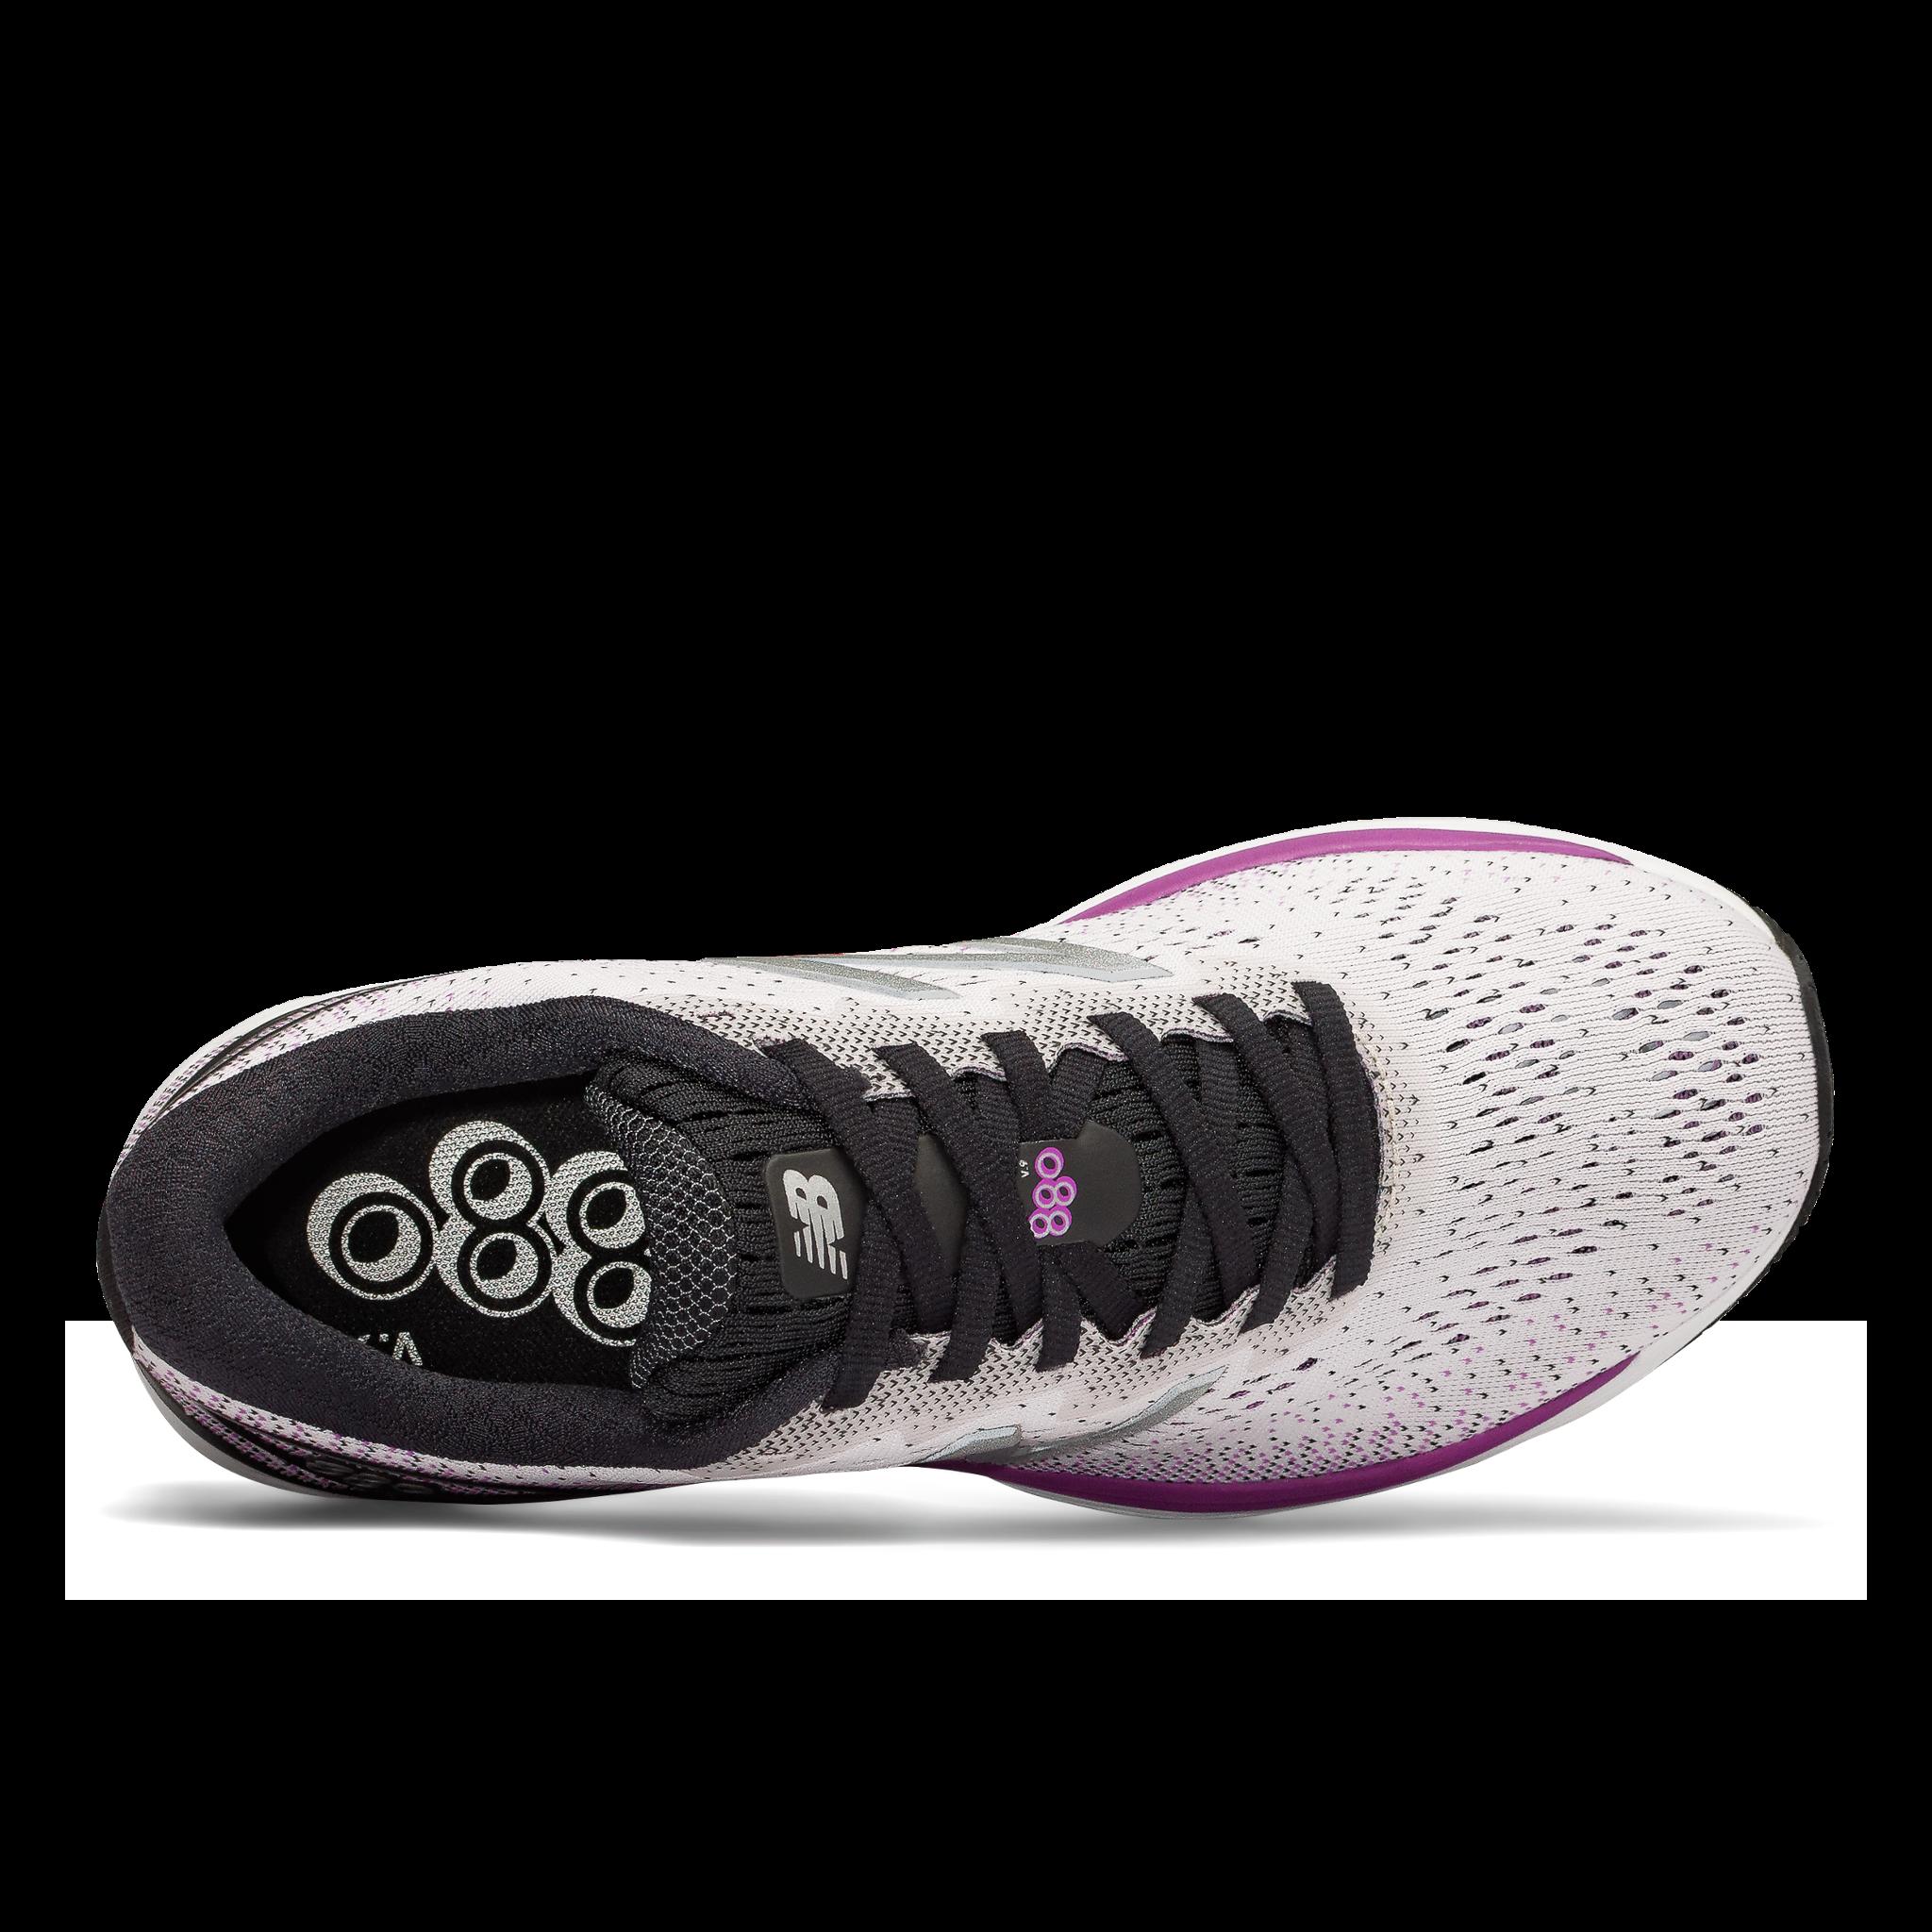 New Balance New Balance 880 v9 Womens Loopschoenen Dames